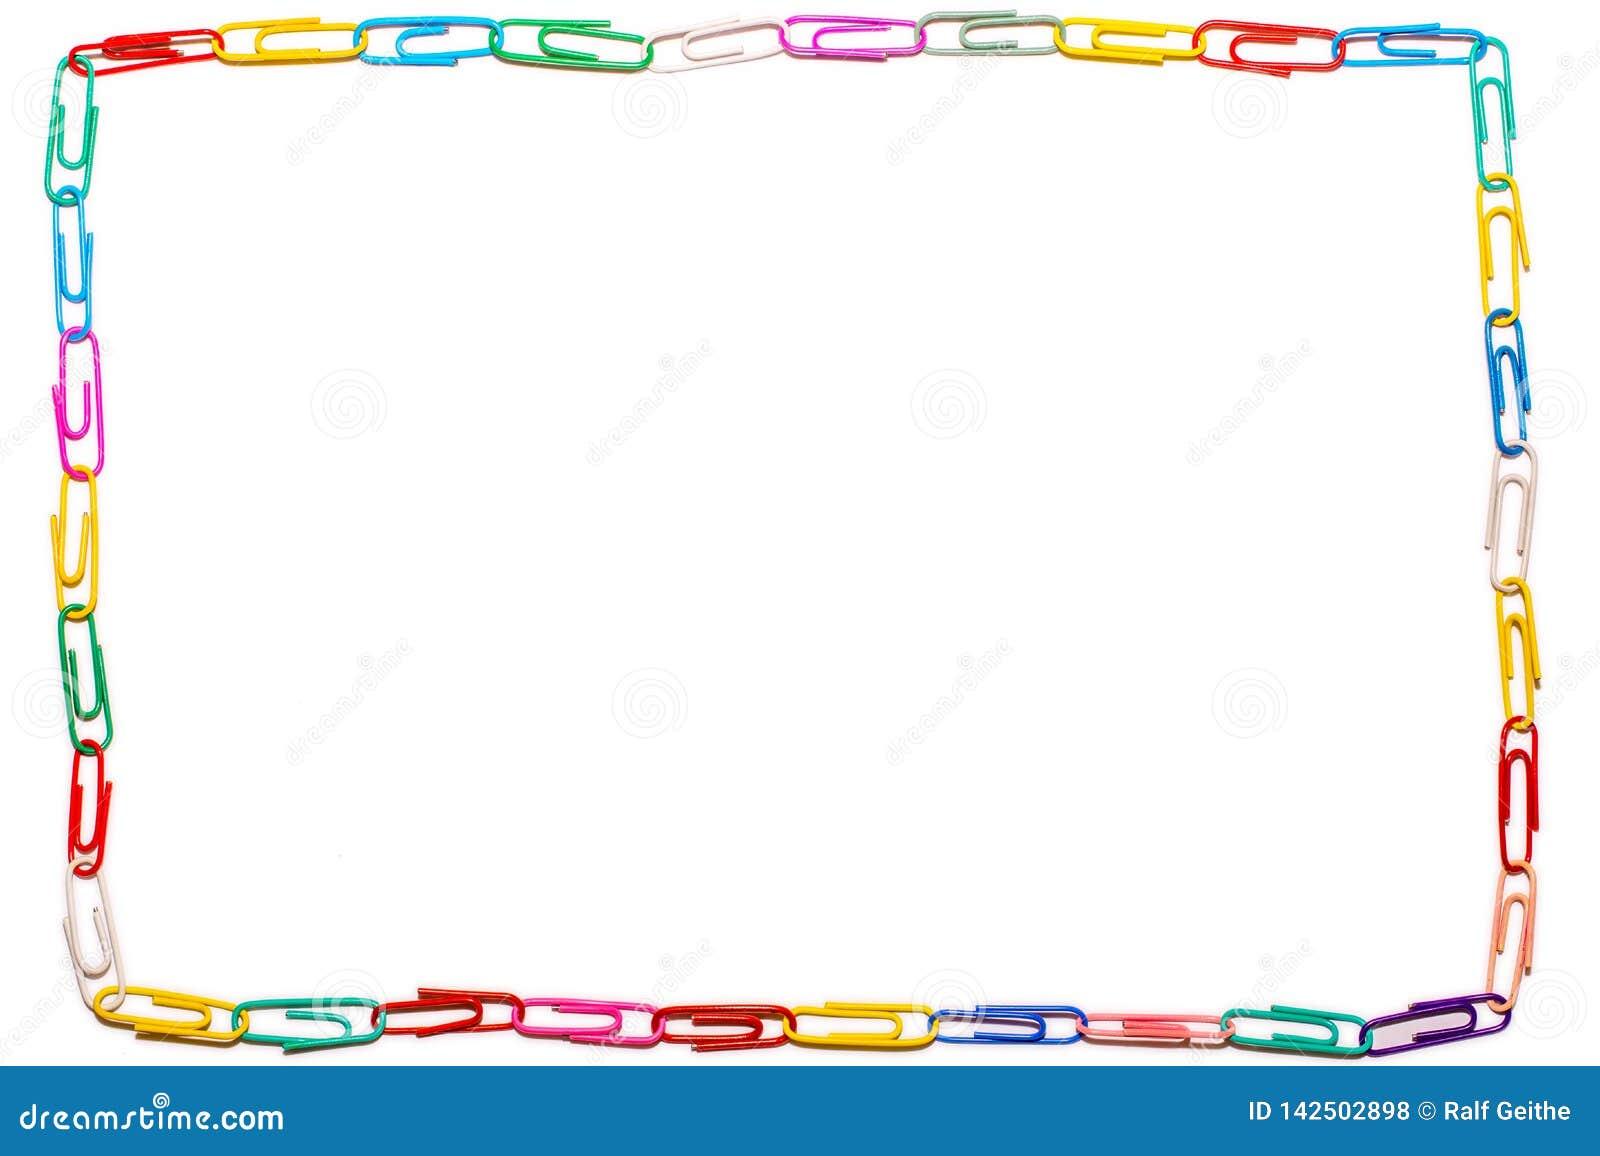 Fondo blanco con el marco recto hecho de clips de papel coloridos